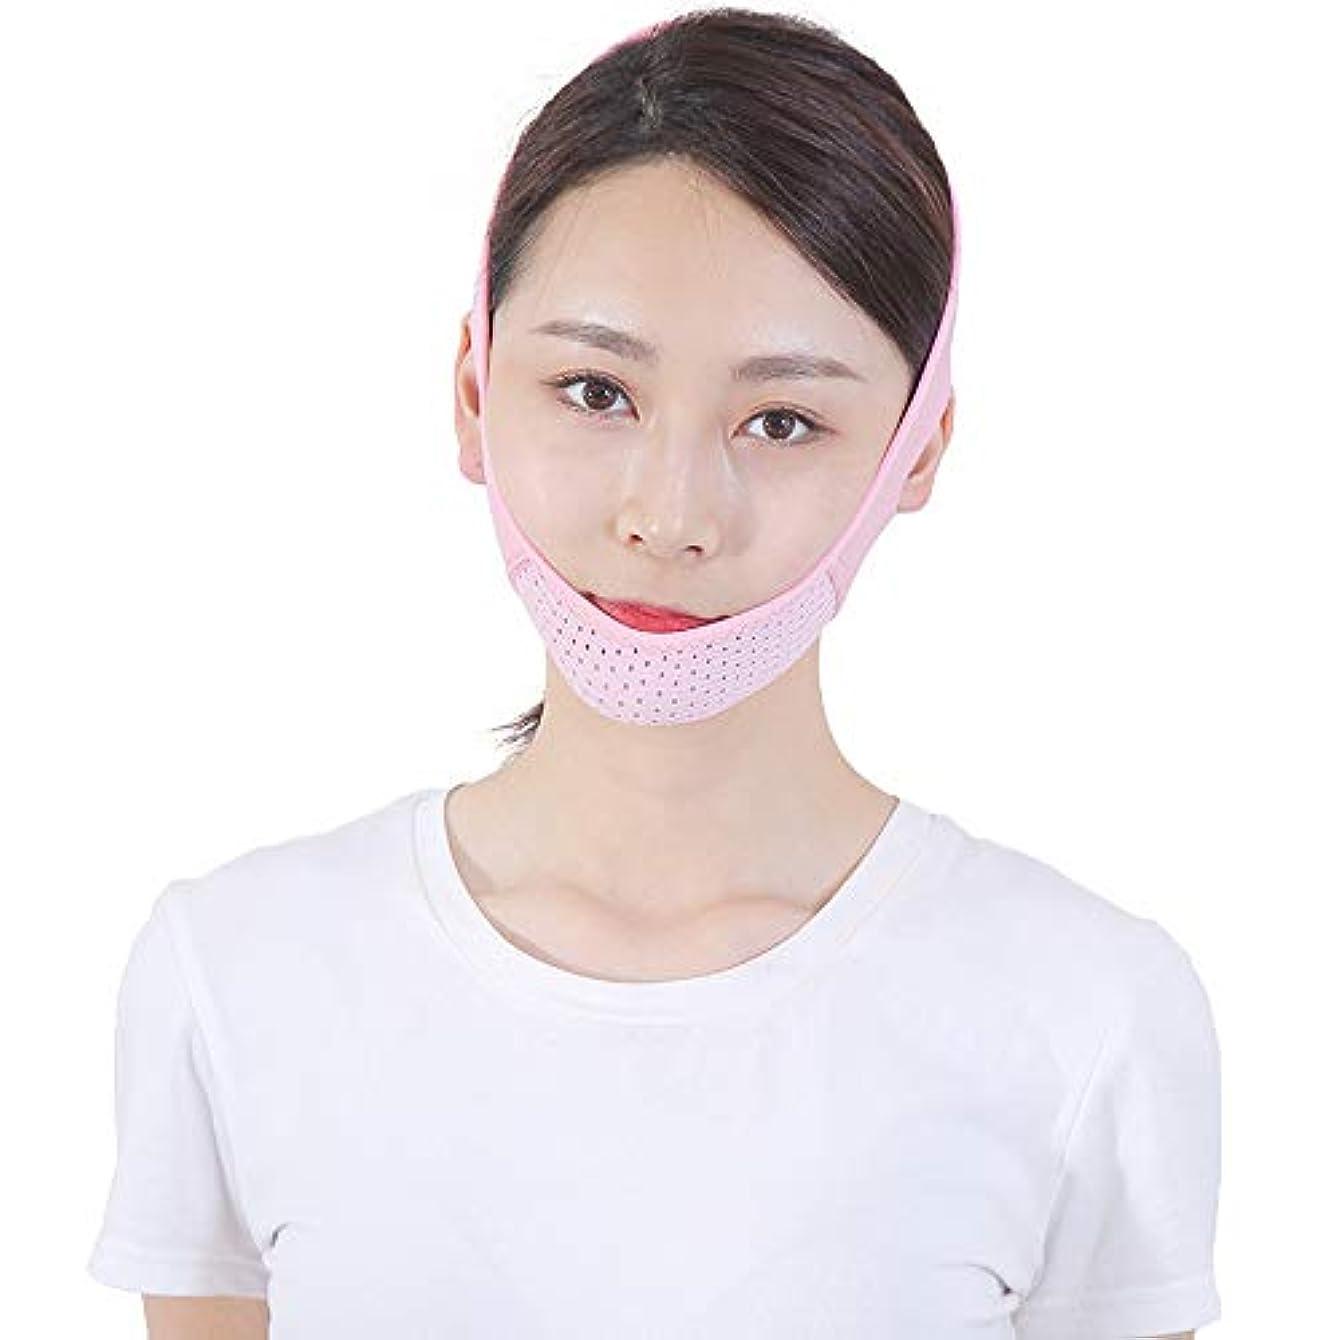 苦しみ貼り直すリムJia He 軽量 薄い顔のベルト - 薄い顔のベルト 顔の包帯ダブルチンの顔リフトの人工物Vのフェイスベルト薄い顔のマスク ##